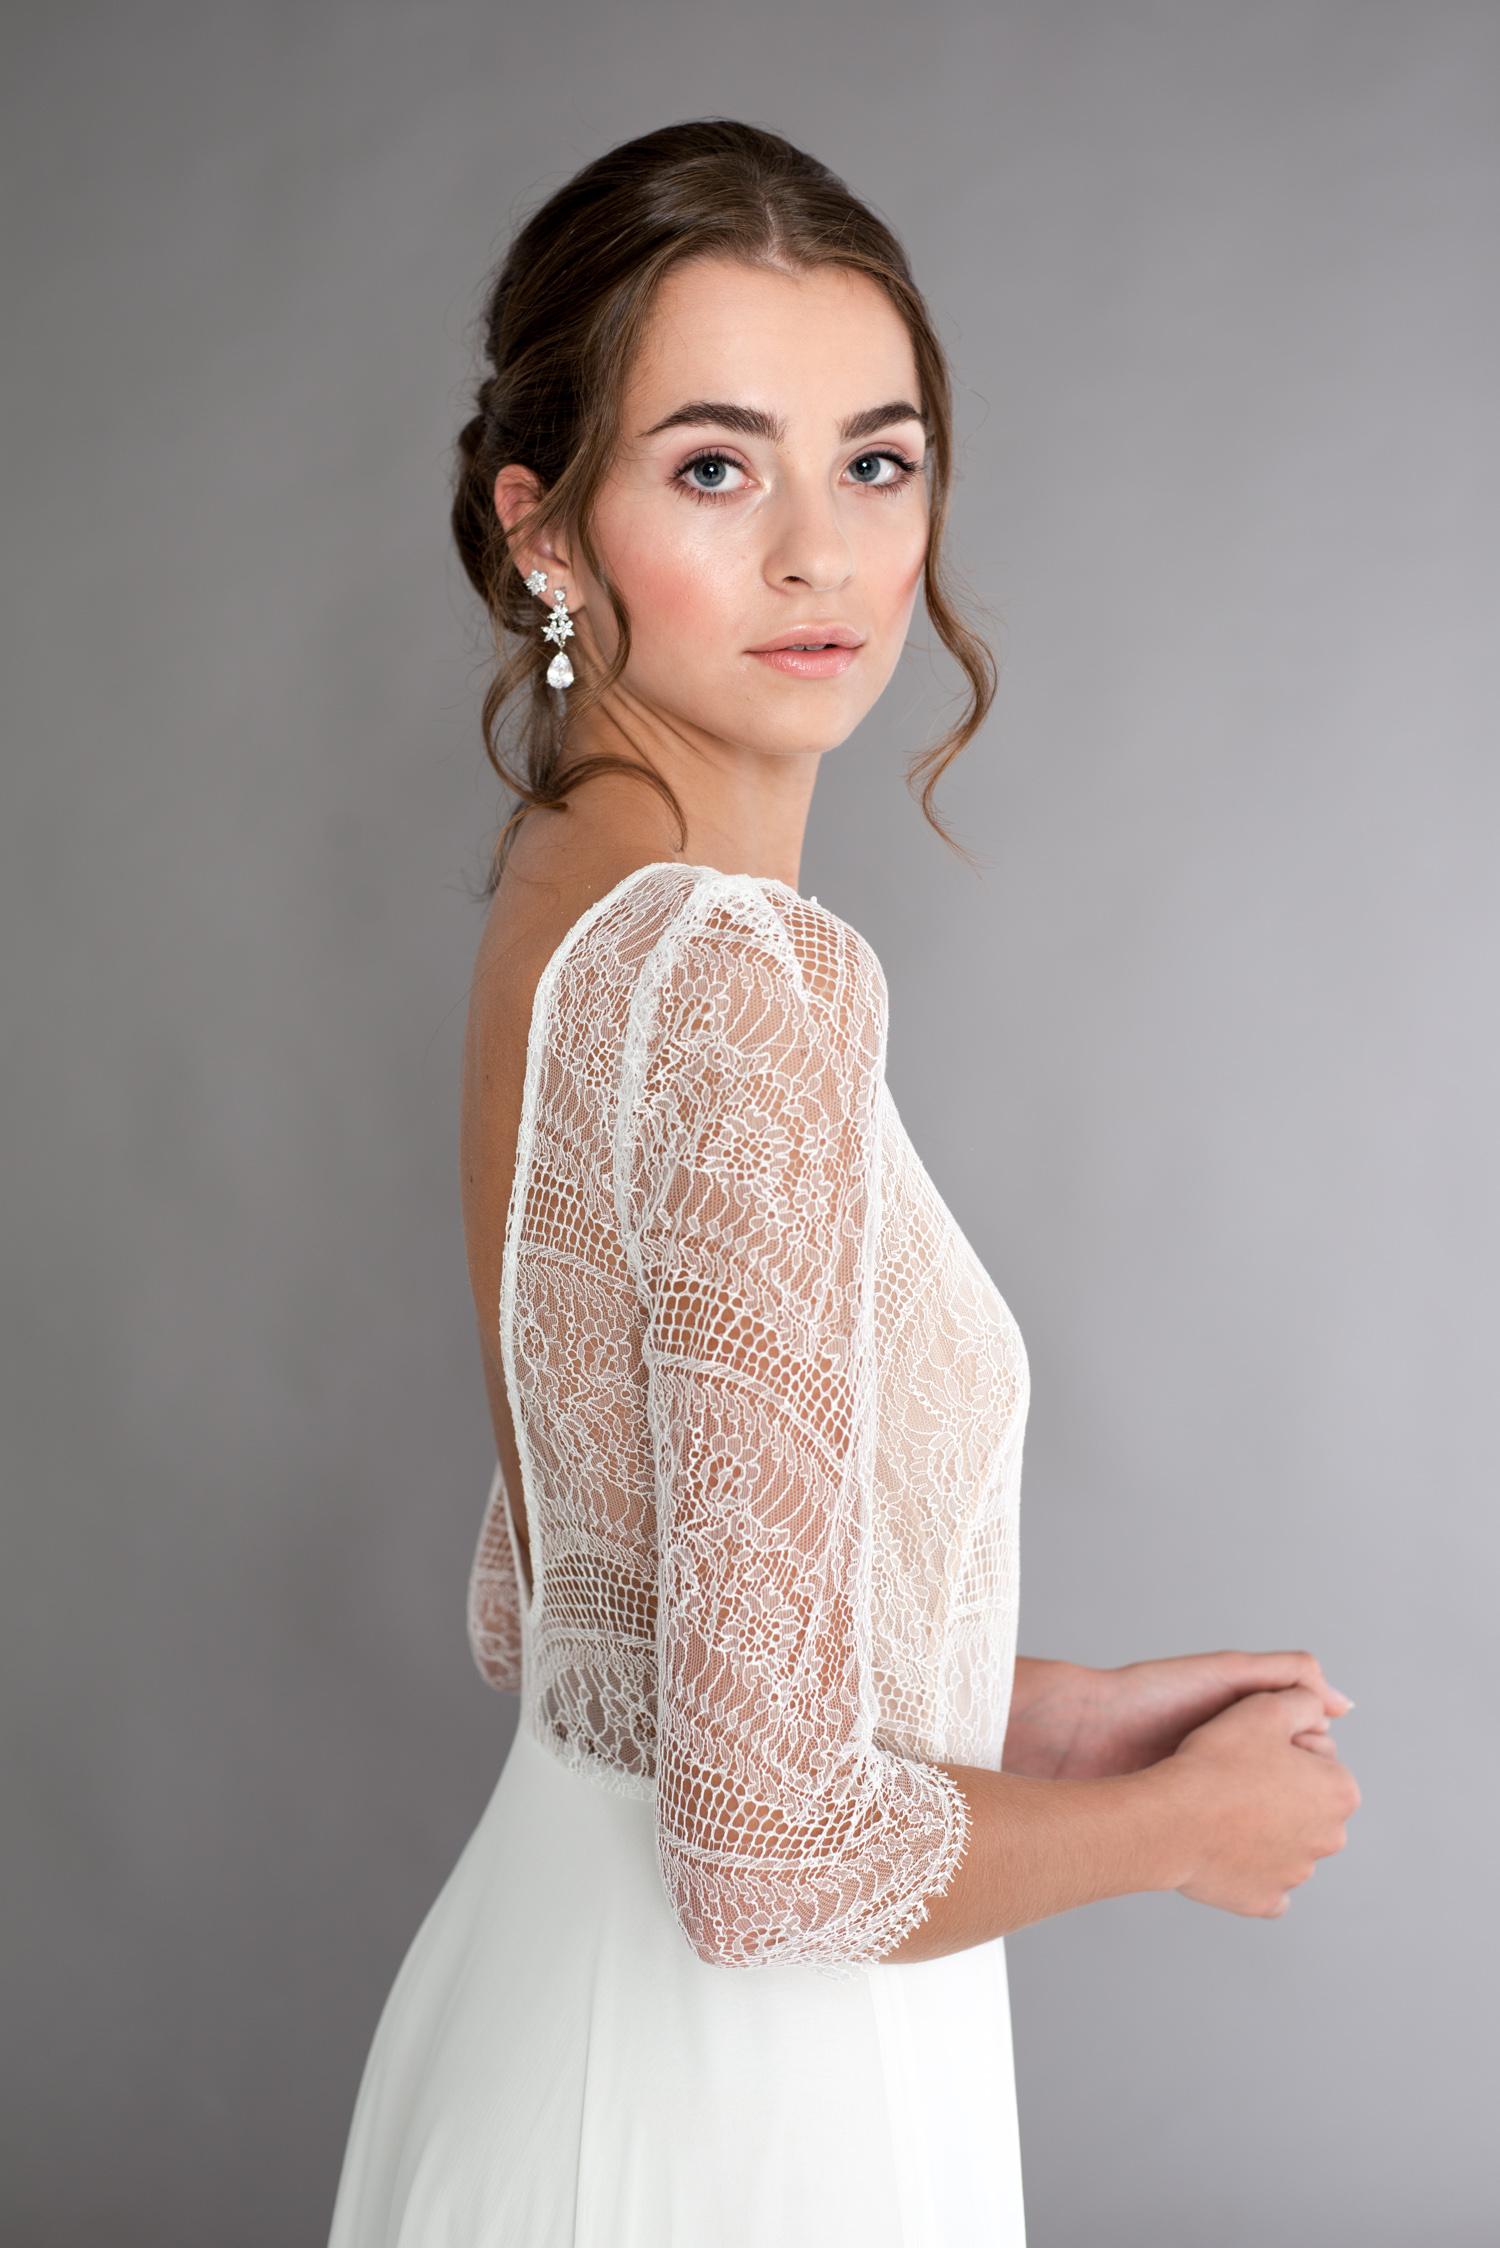 bridal-fashion-photographer-austria-brautmode-fotografin-__sterreich-wien-15 Brautmode Fotografie Linz   Hochzeitsfotograf in Oberösterreich